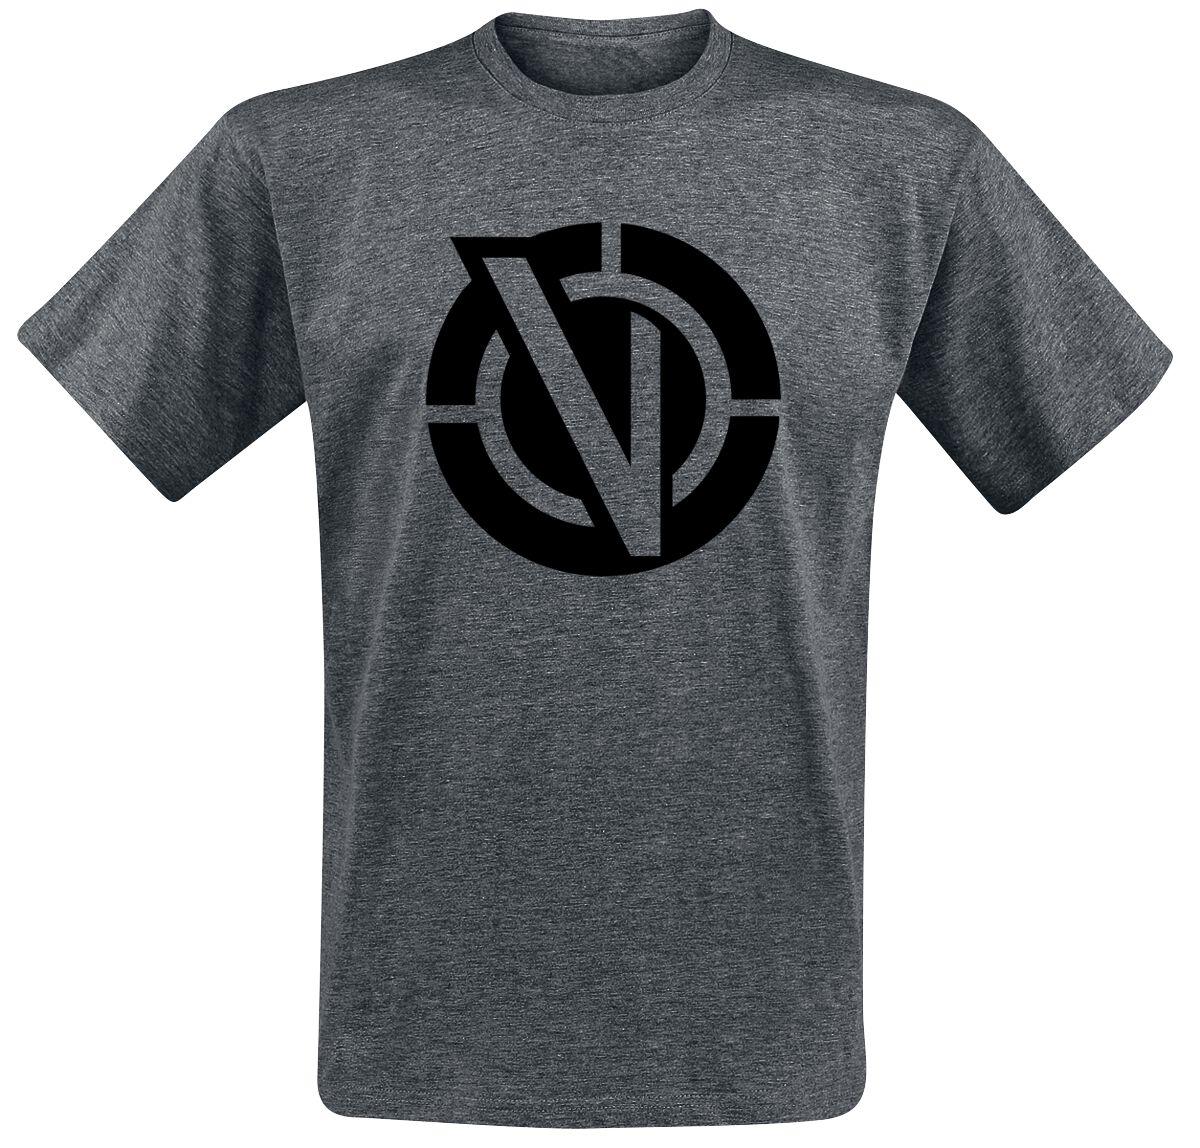 Image of   Rick And Morty Vindicators Logo T-Shirt mørk grålig